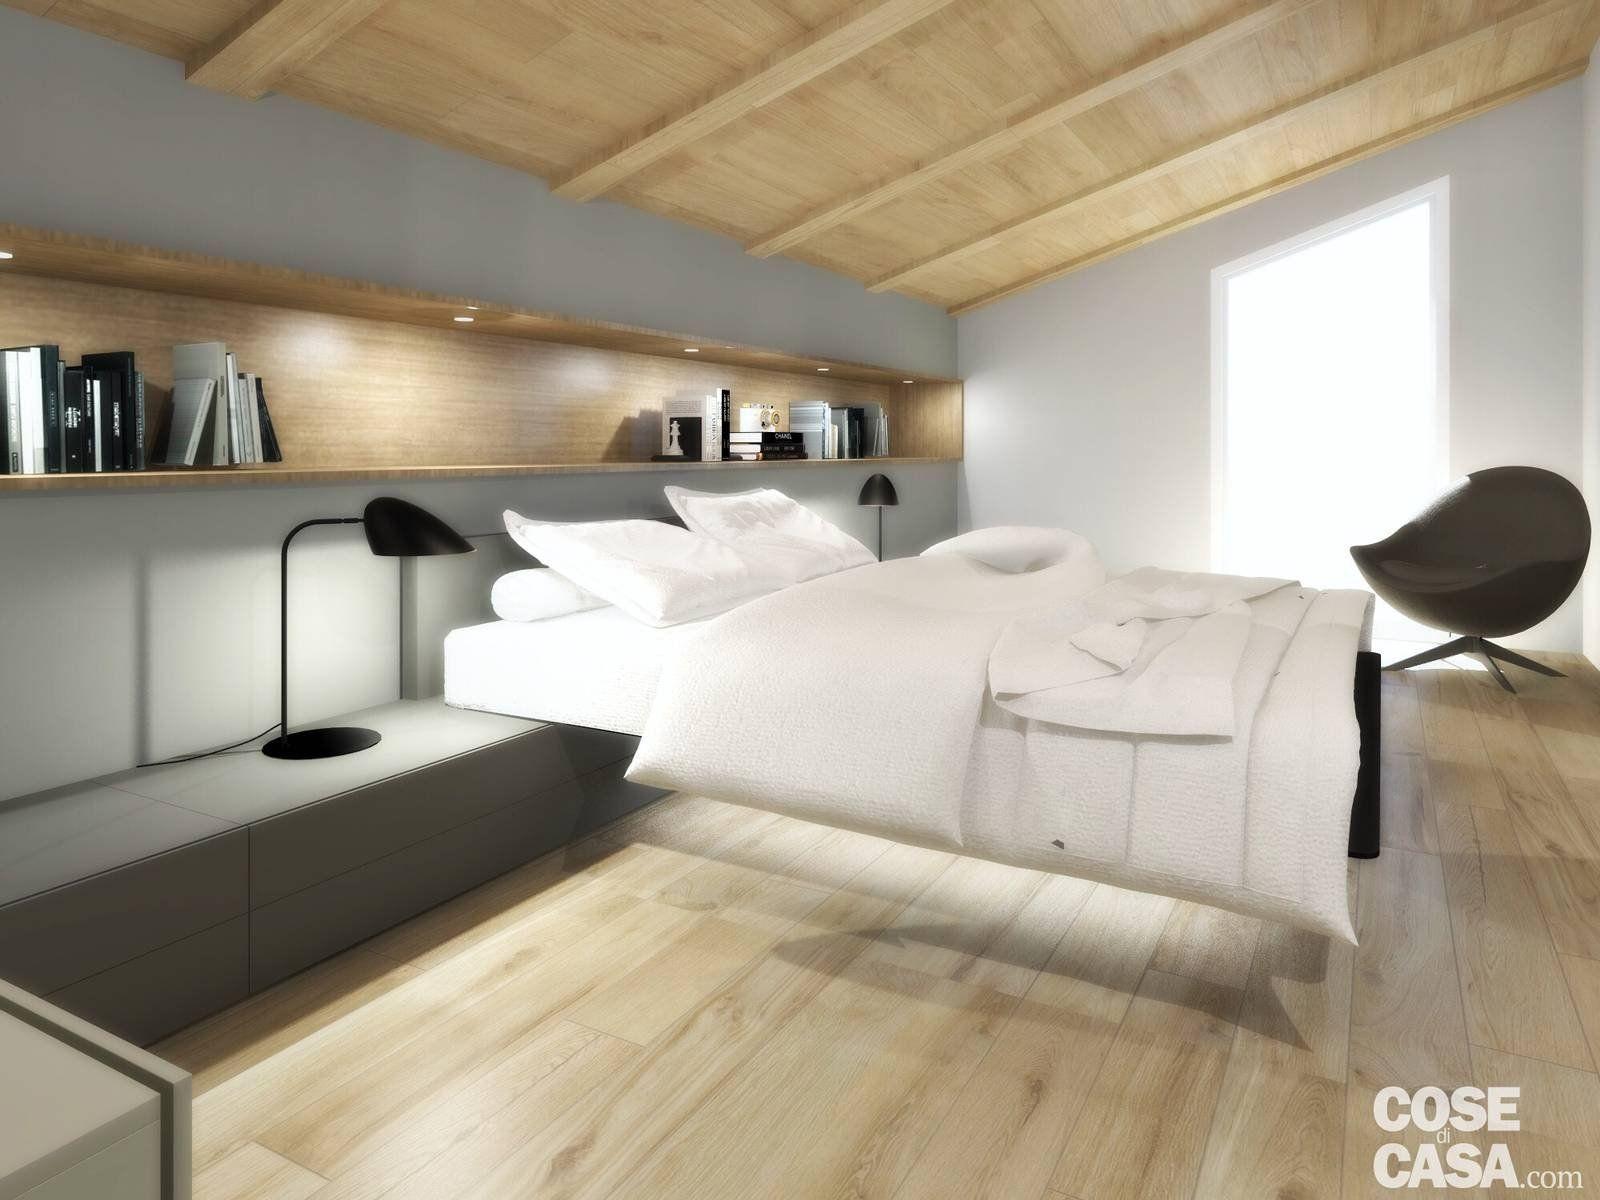 Cose La Camera Da Letto Padronale : Living open space nell appartamento con mansarda camere da letto